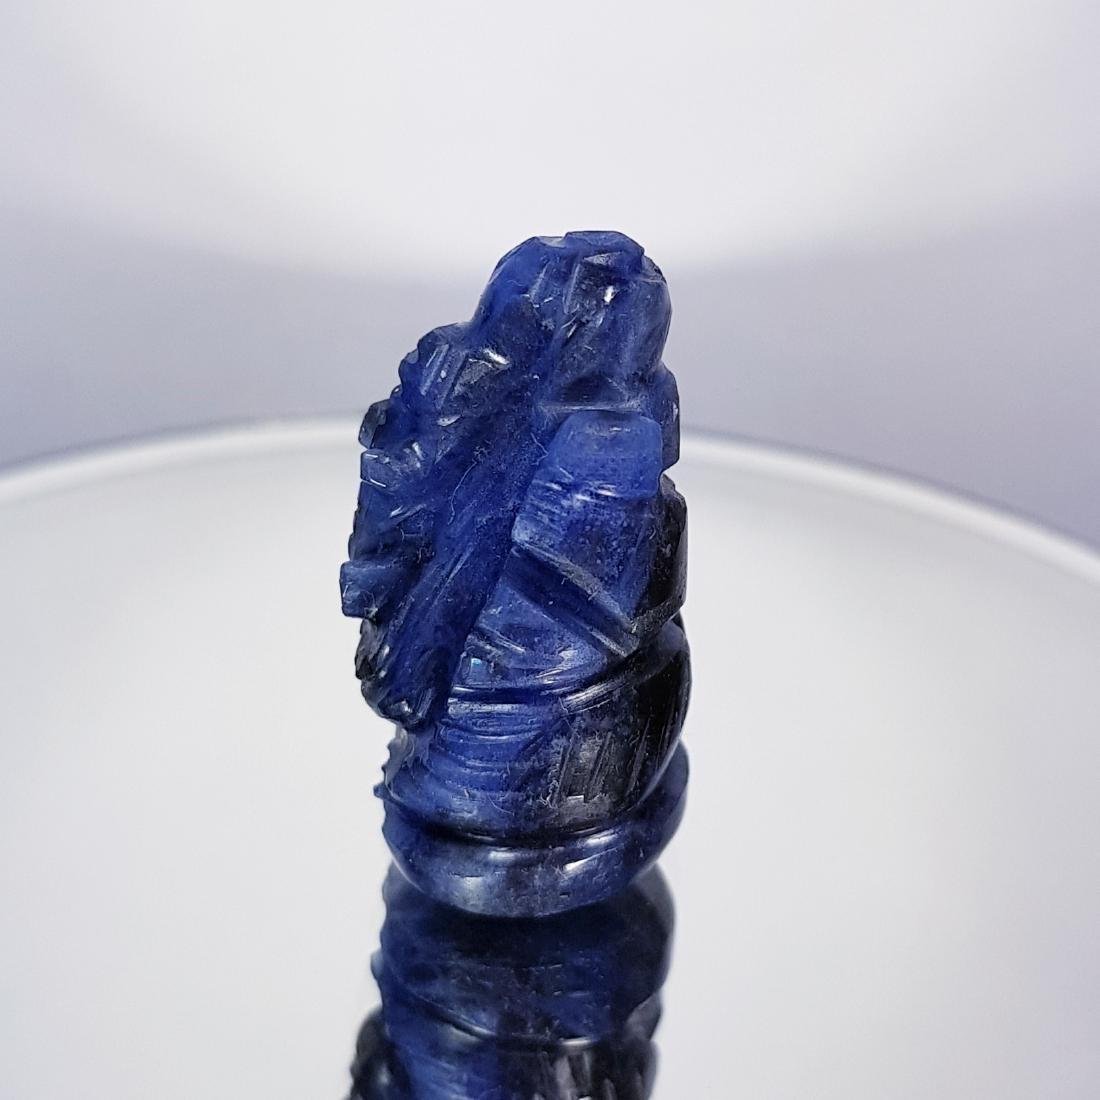 Sodalite Lord Ganesha Carving - 34.23 ct - 3